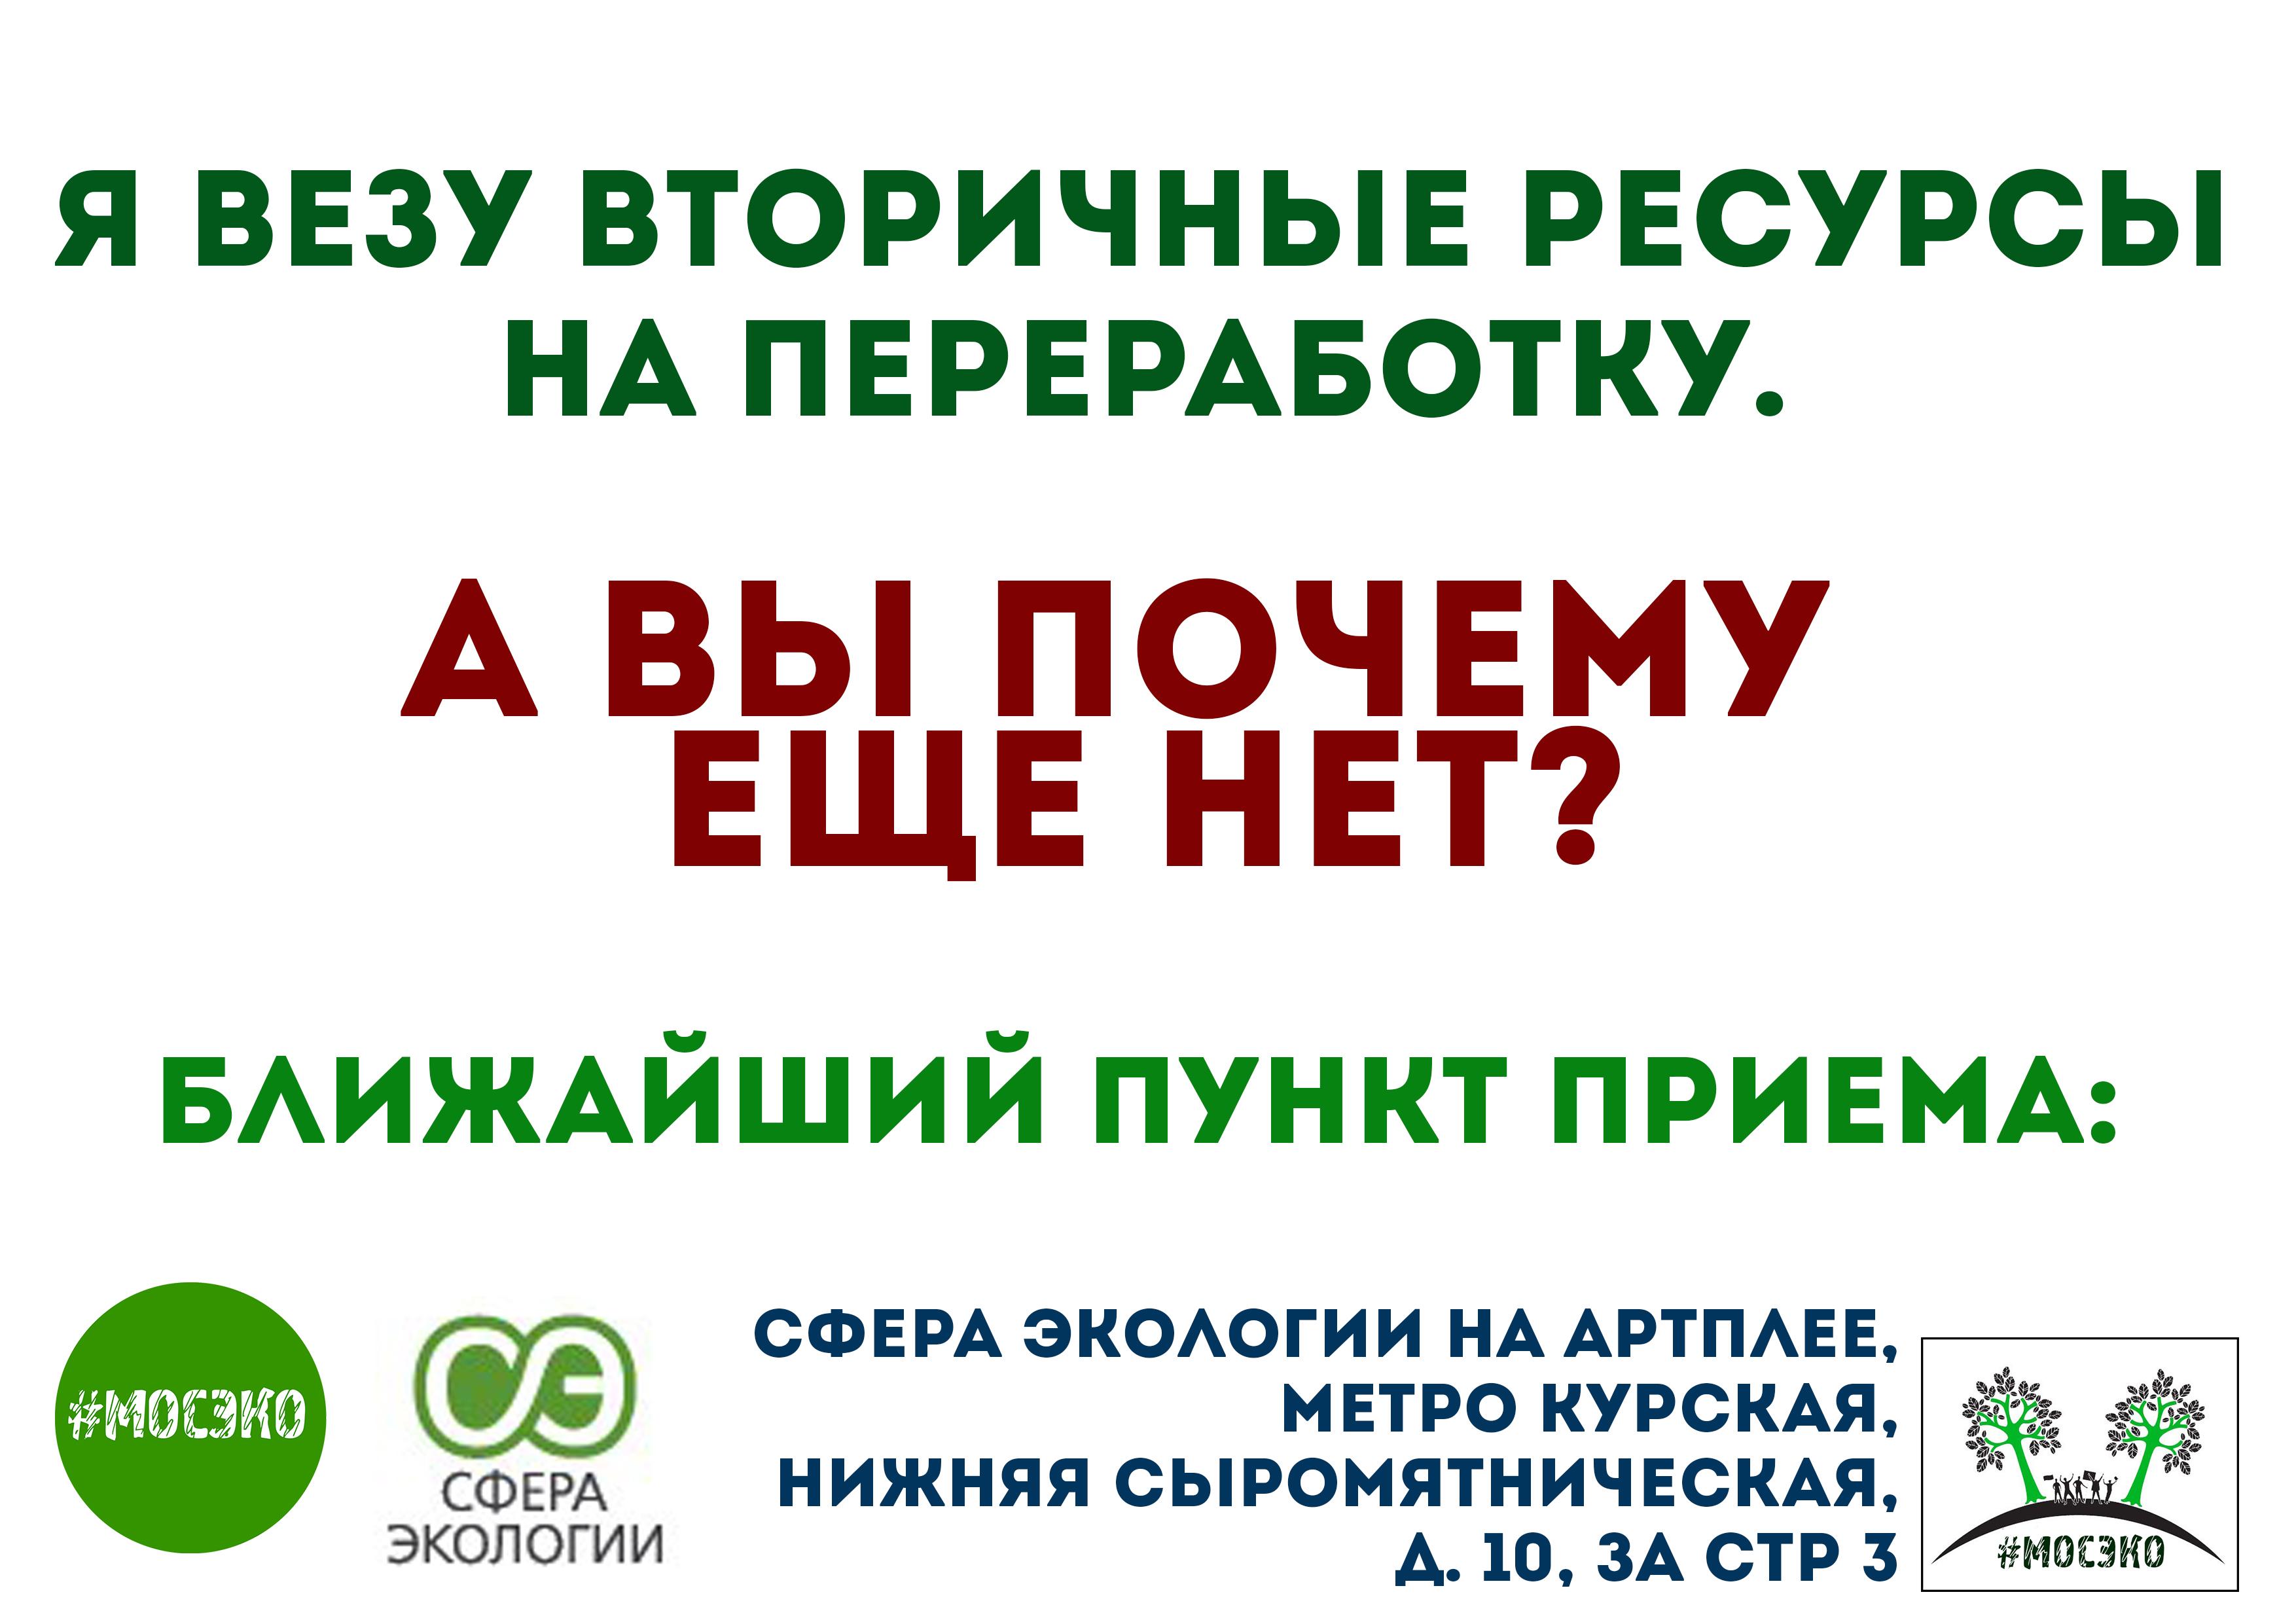 Slogans2_full_se